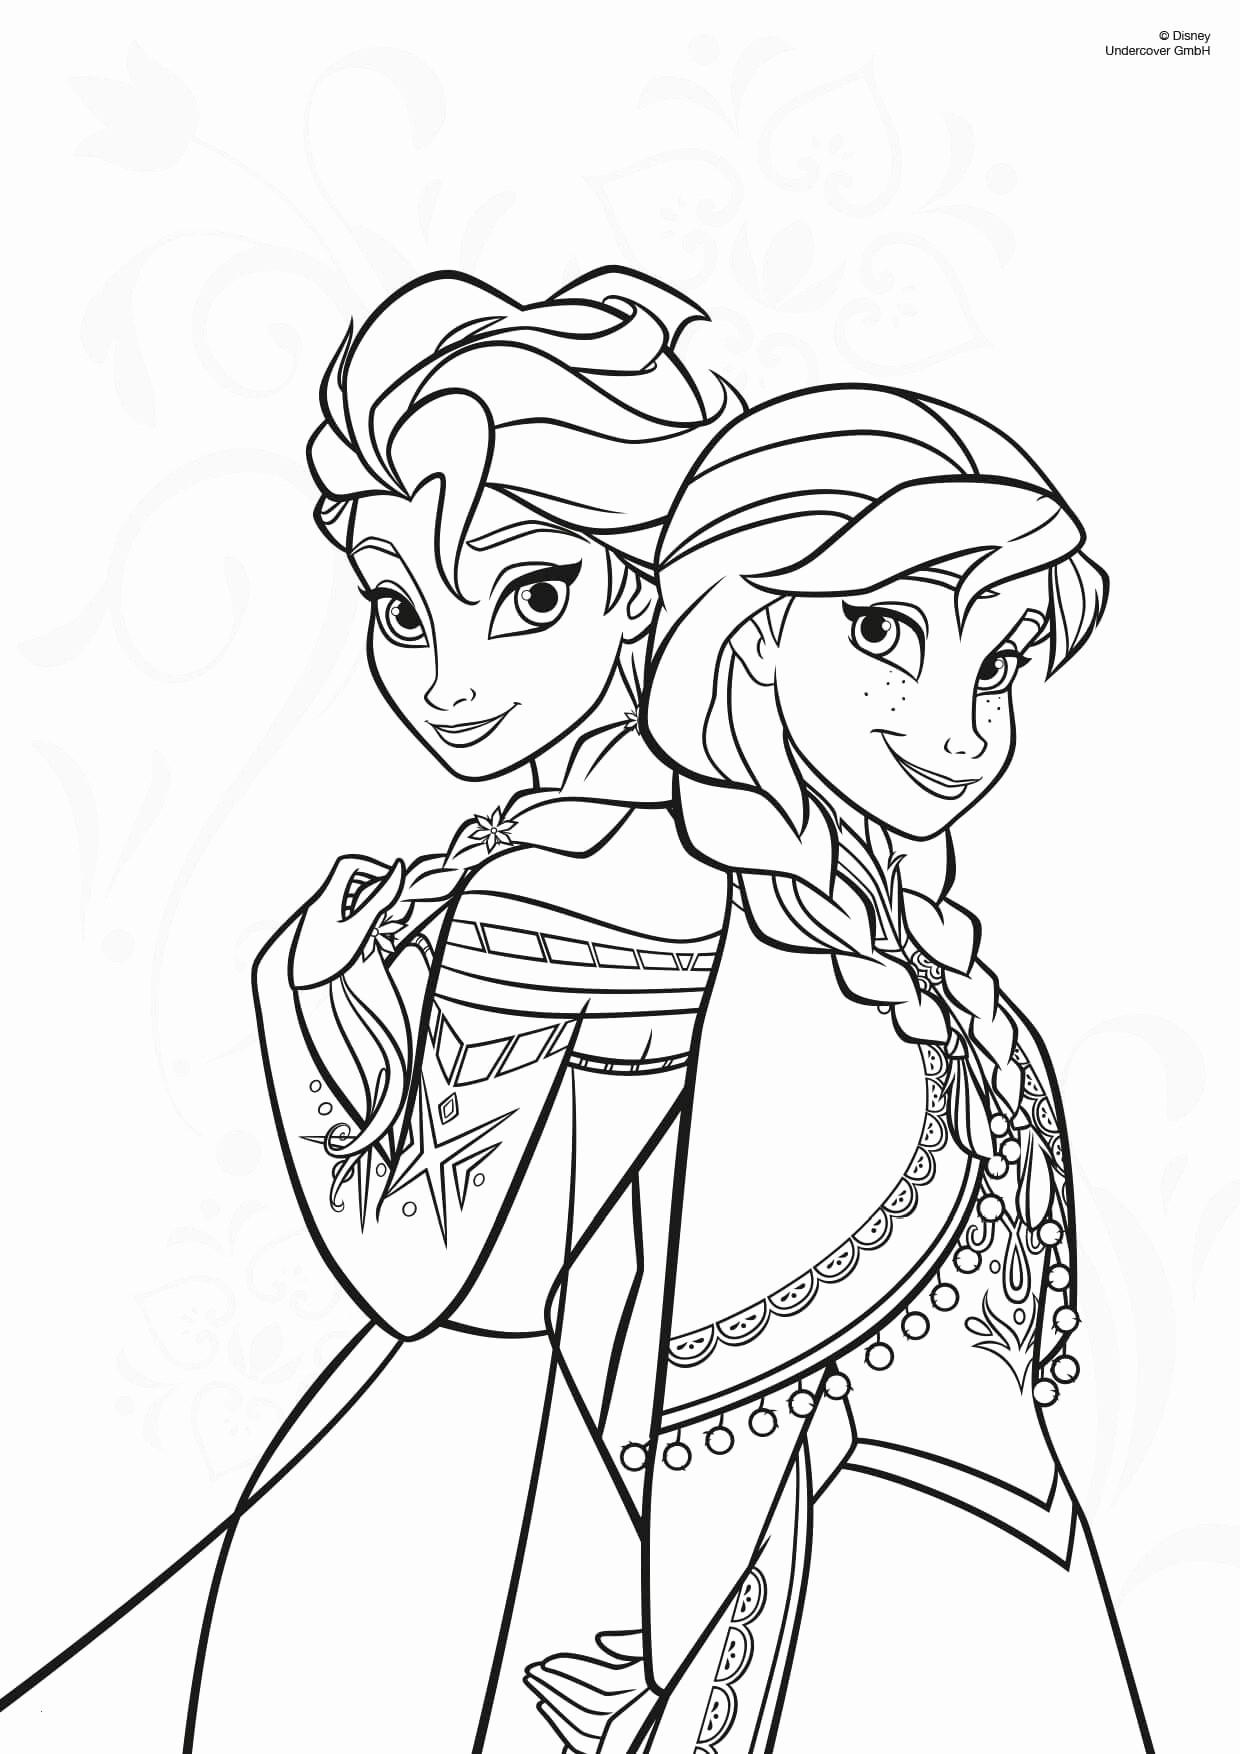 Ausmalbilder Disney Prinzessinnen Kostenlos Einzigartig Ausmalbilder Disney Frozen Fantastisch Malvorlagen Olaf 18 Das Bild